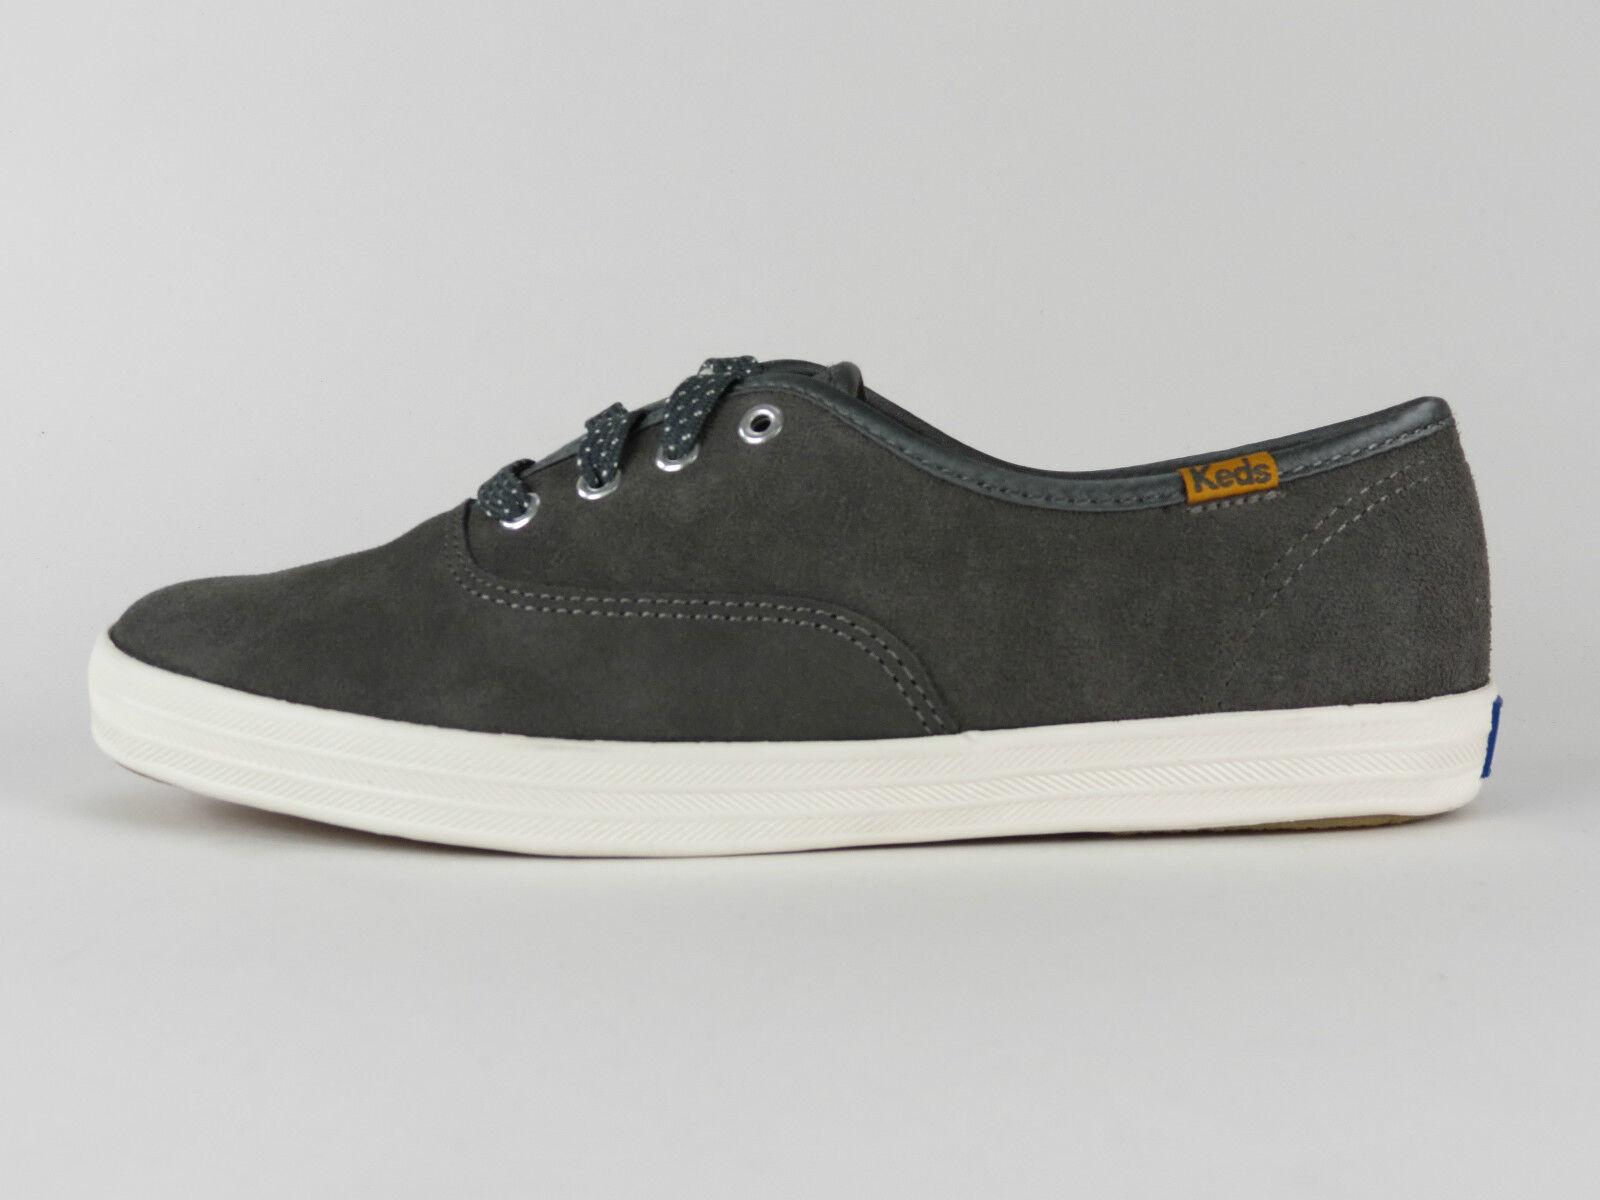 Keds Chaussures Femmes CH Daim Graphite gris WH 48116 plusieurs tailles